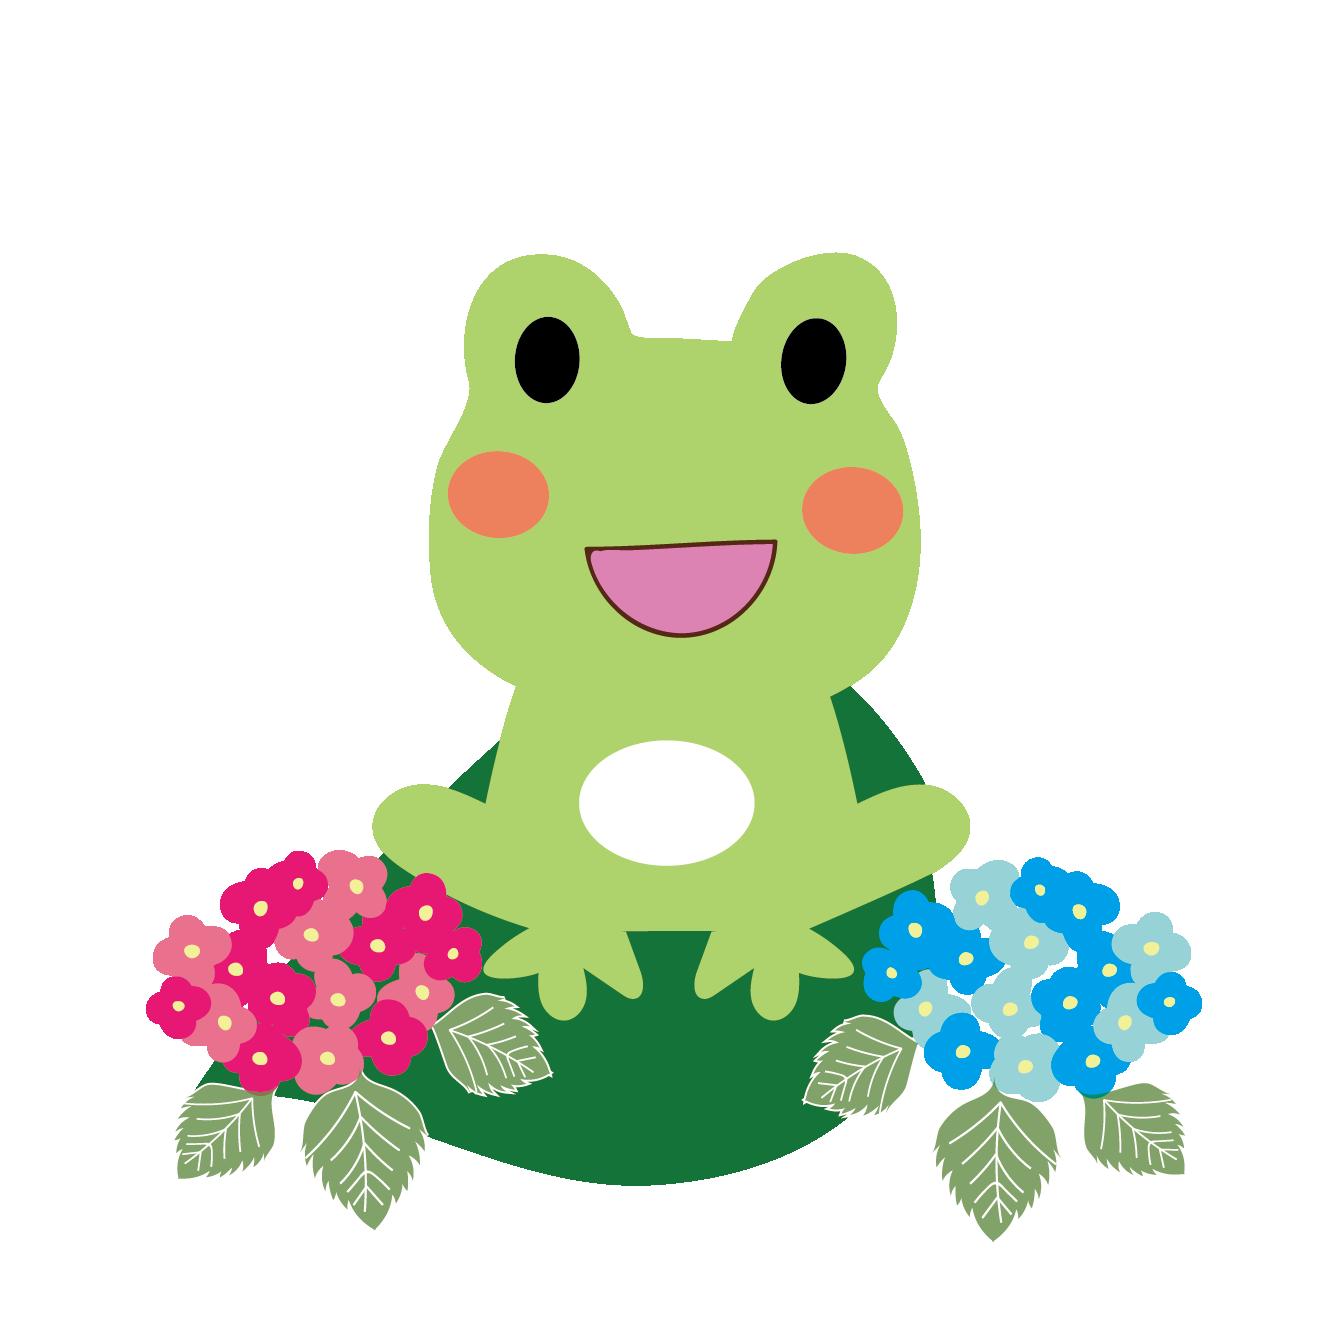 ニコニコ蛙(カエル)と紫陽花のイラスト【梅雨】